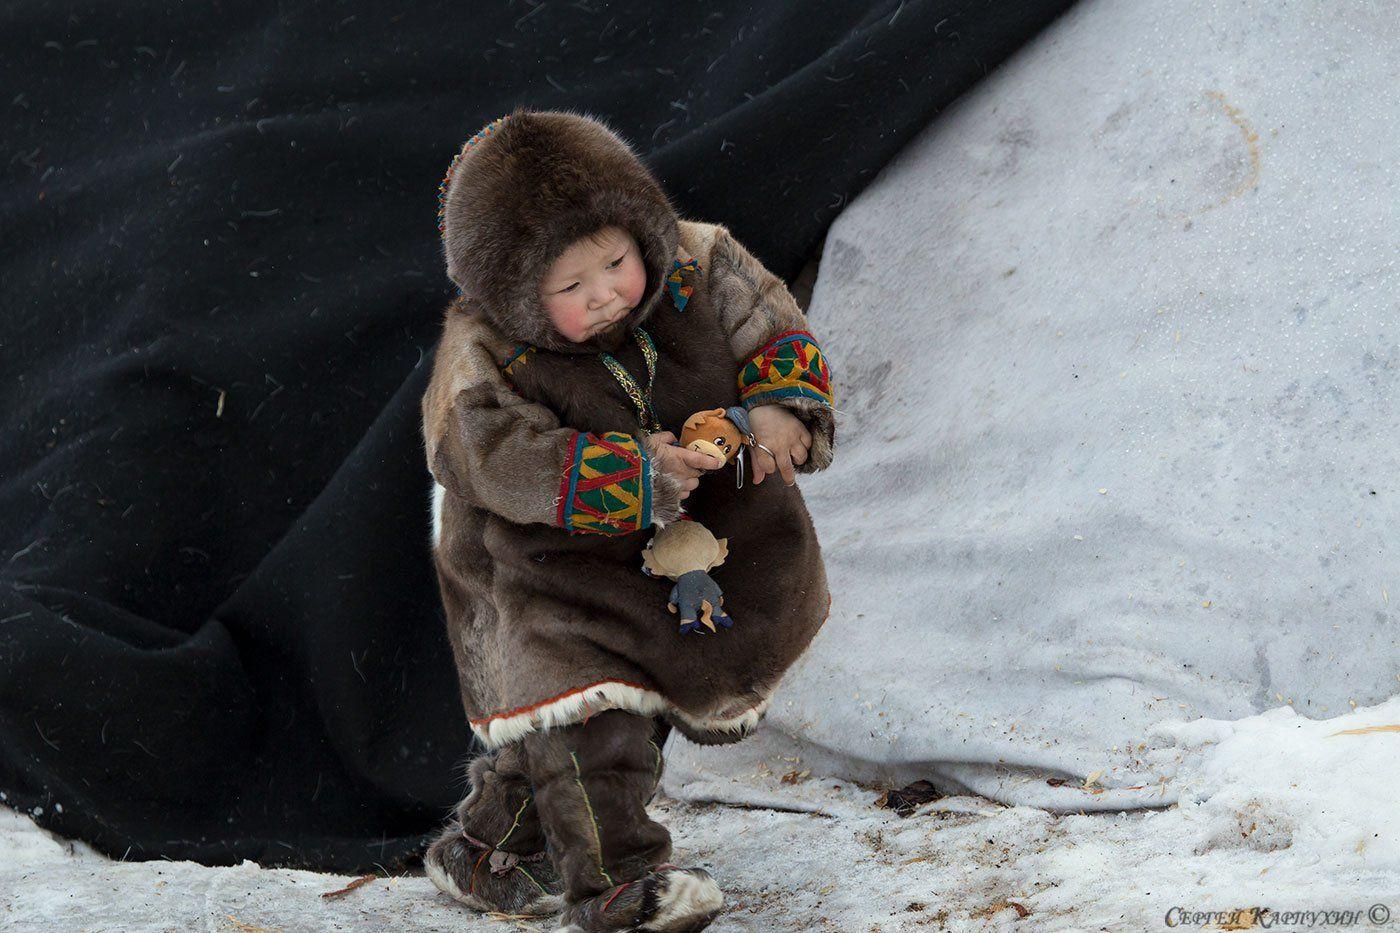 ненцы, дети, оленеводы, полярный урал, ямал, Сергей Карпухин